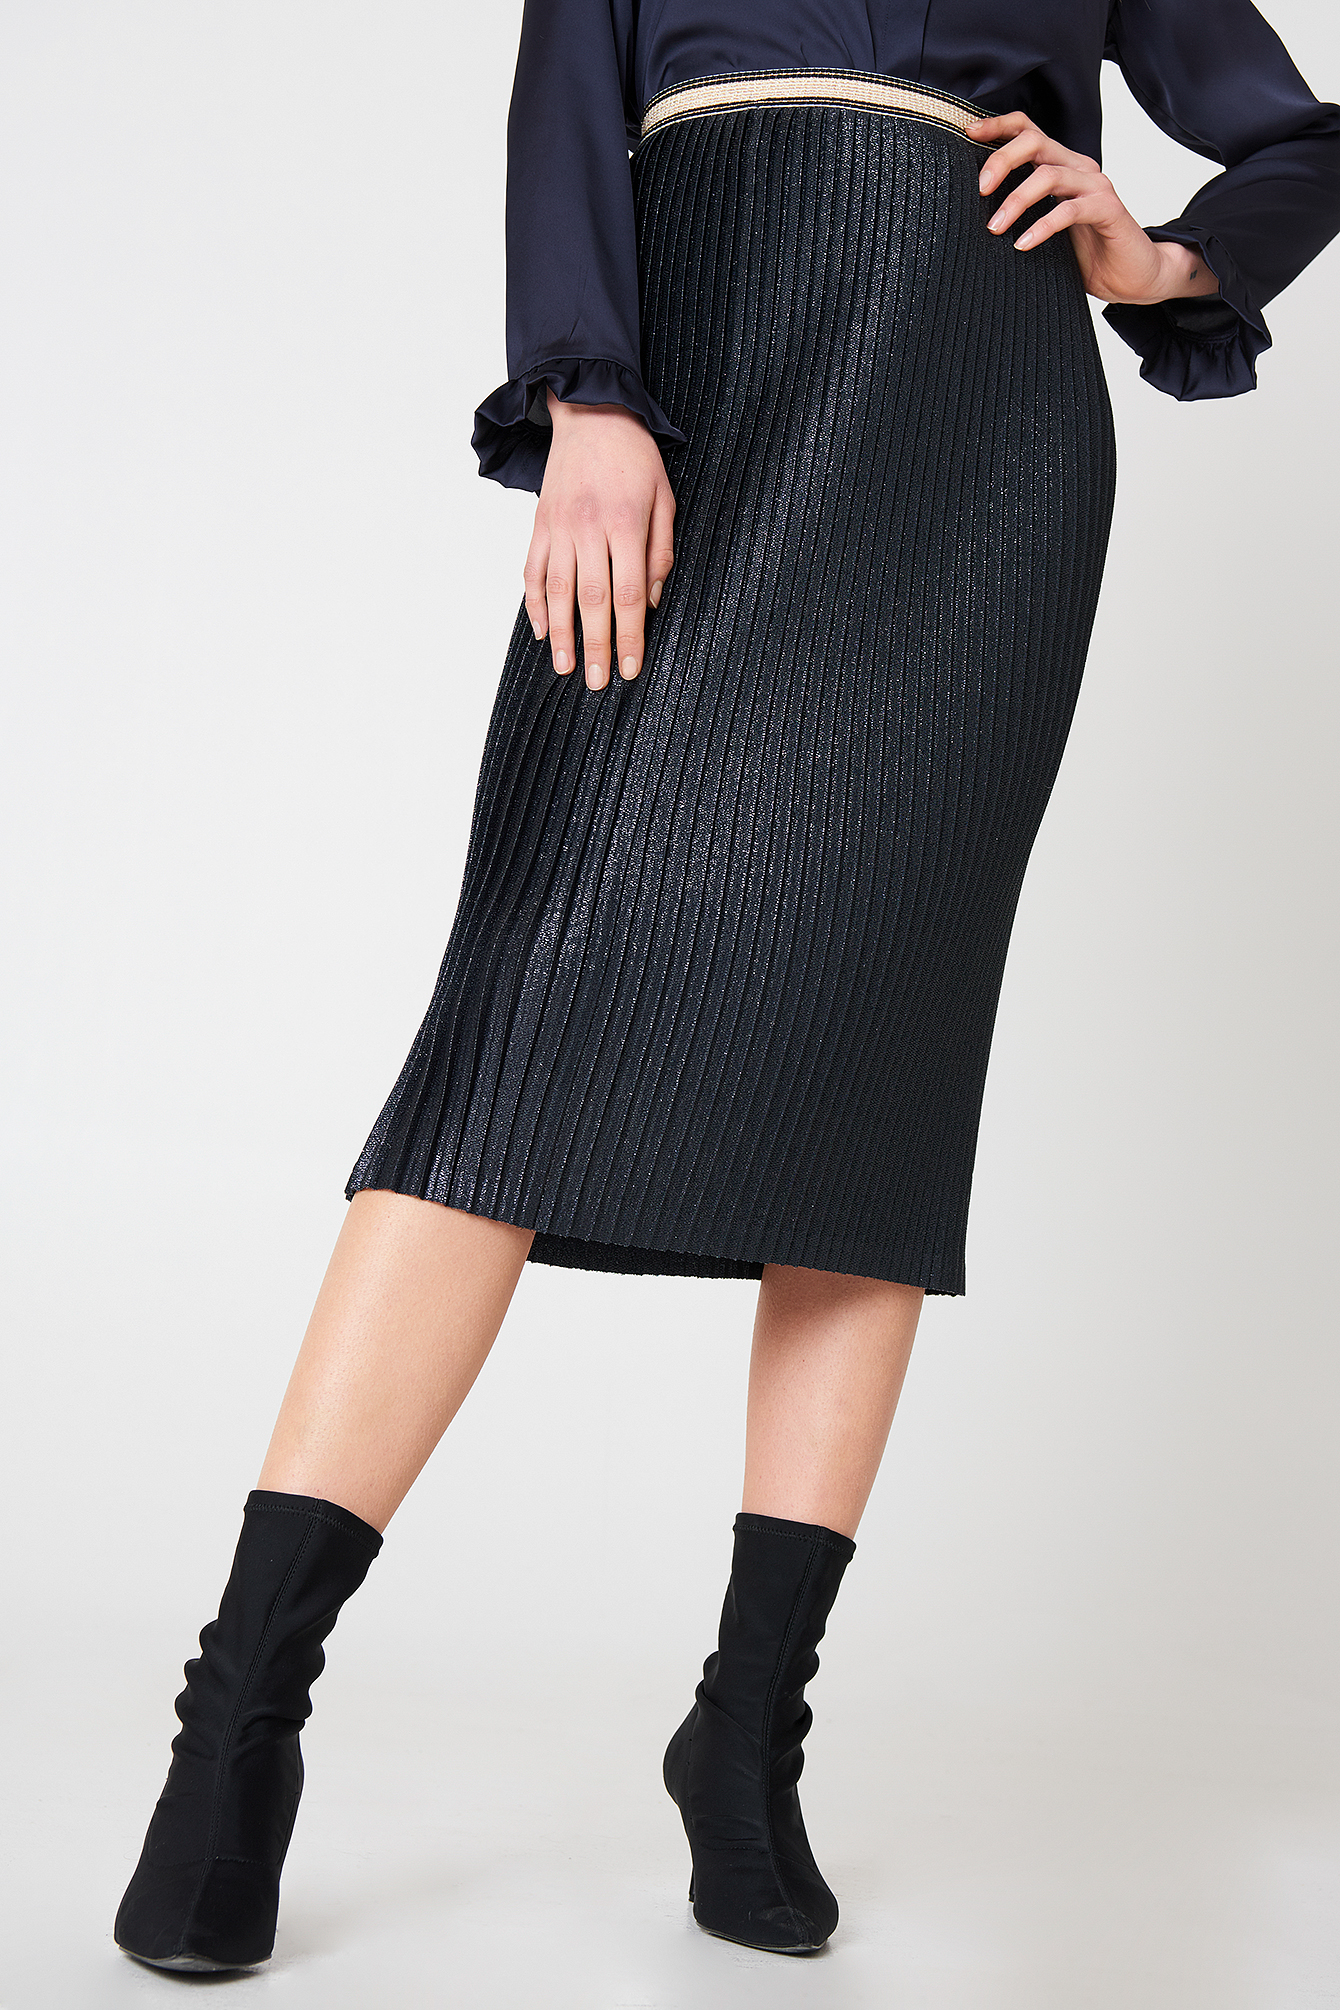 Susianna Skirt NA-KD.COM